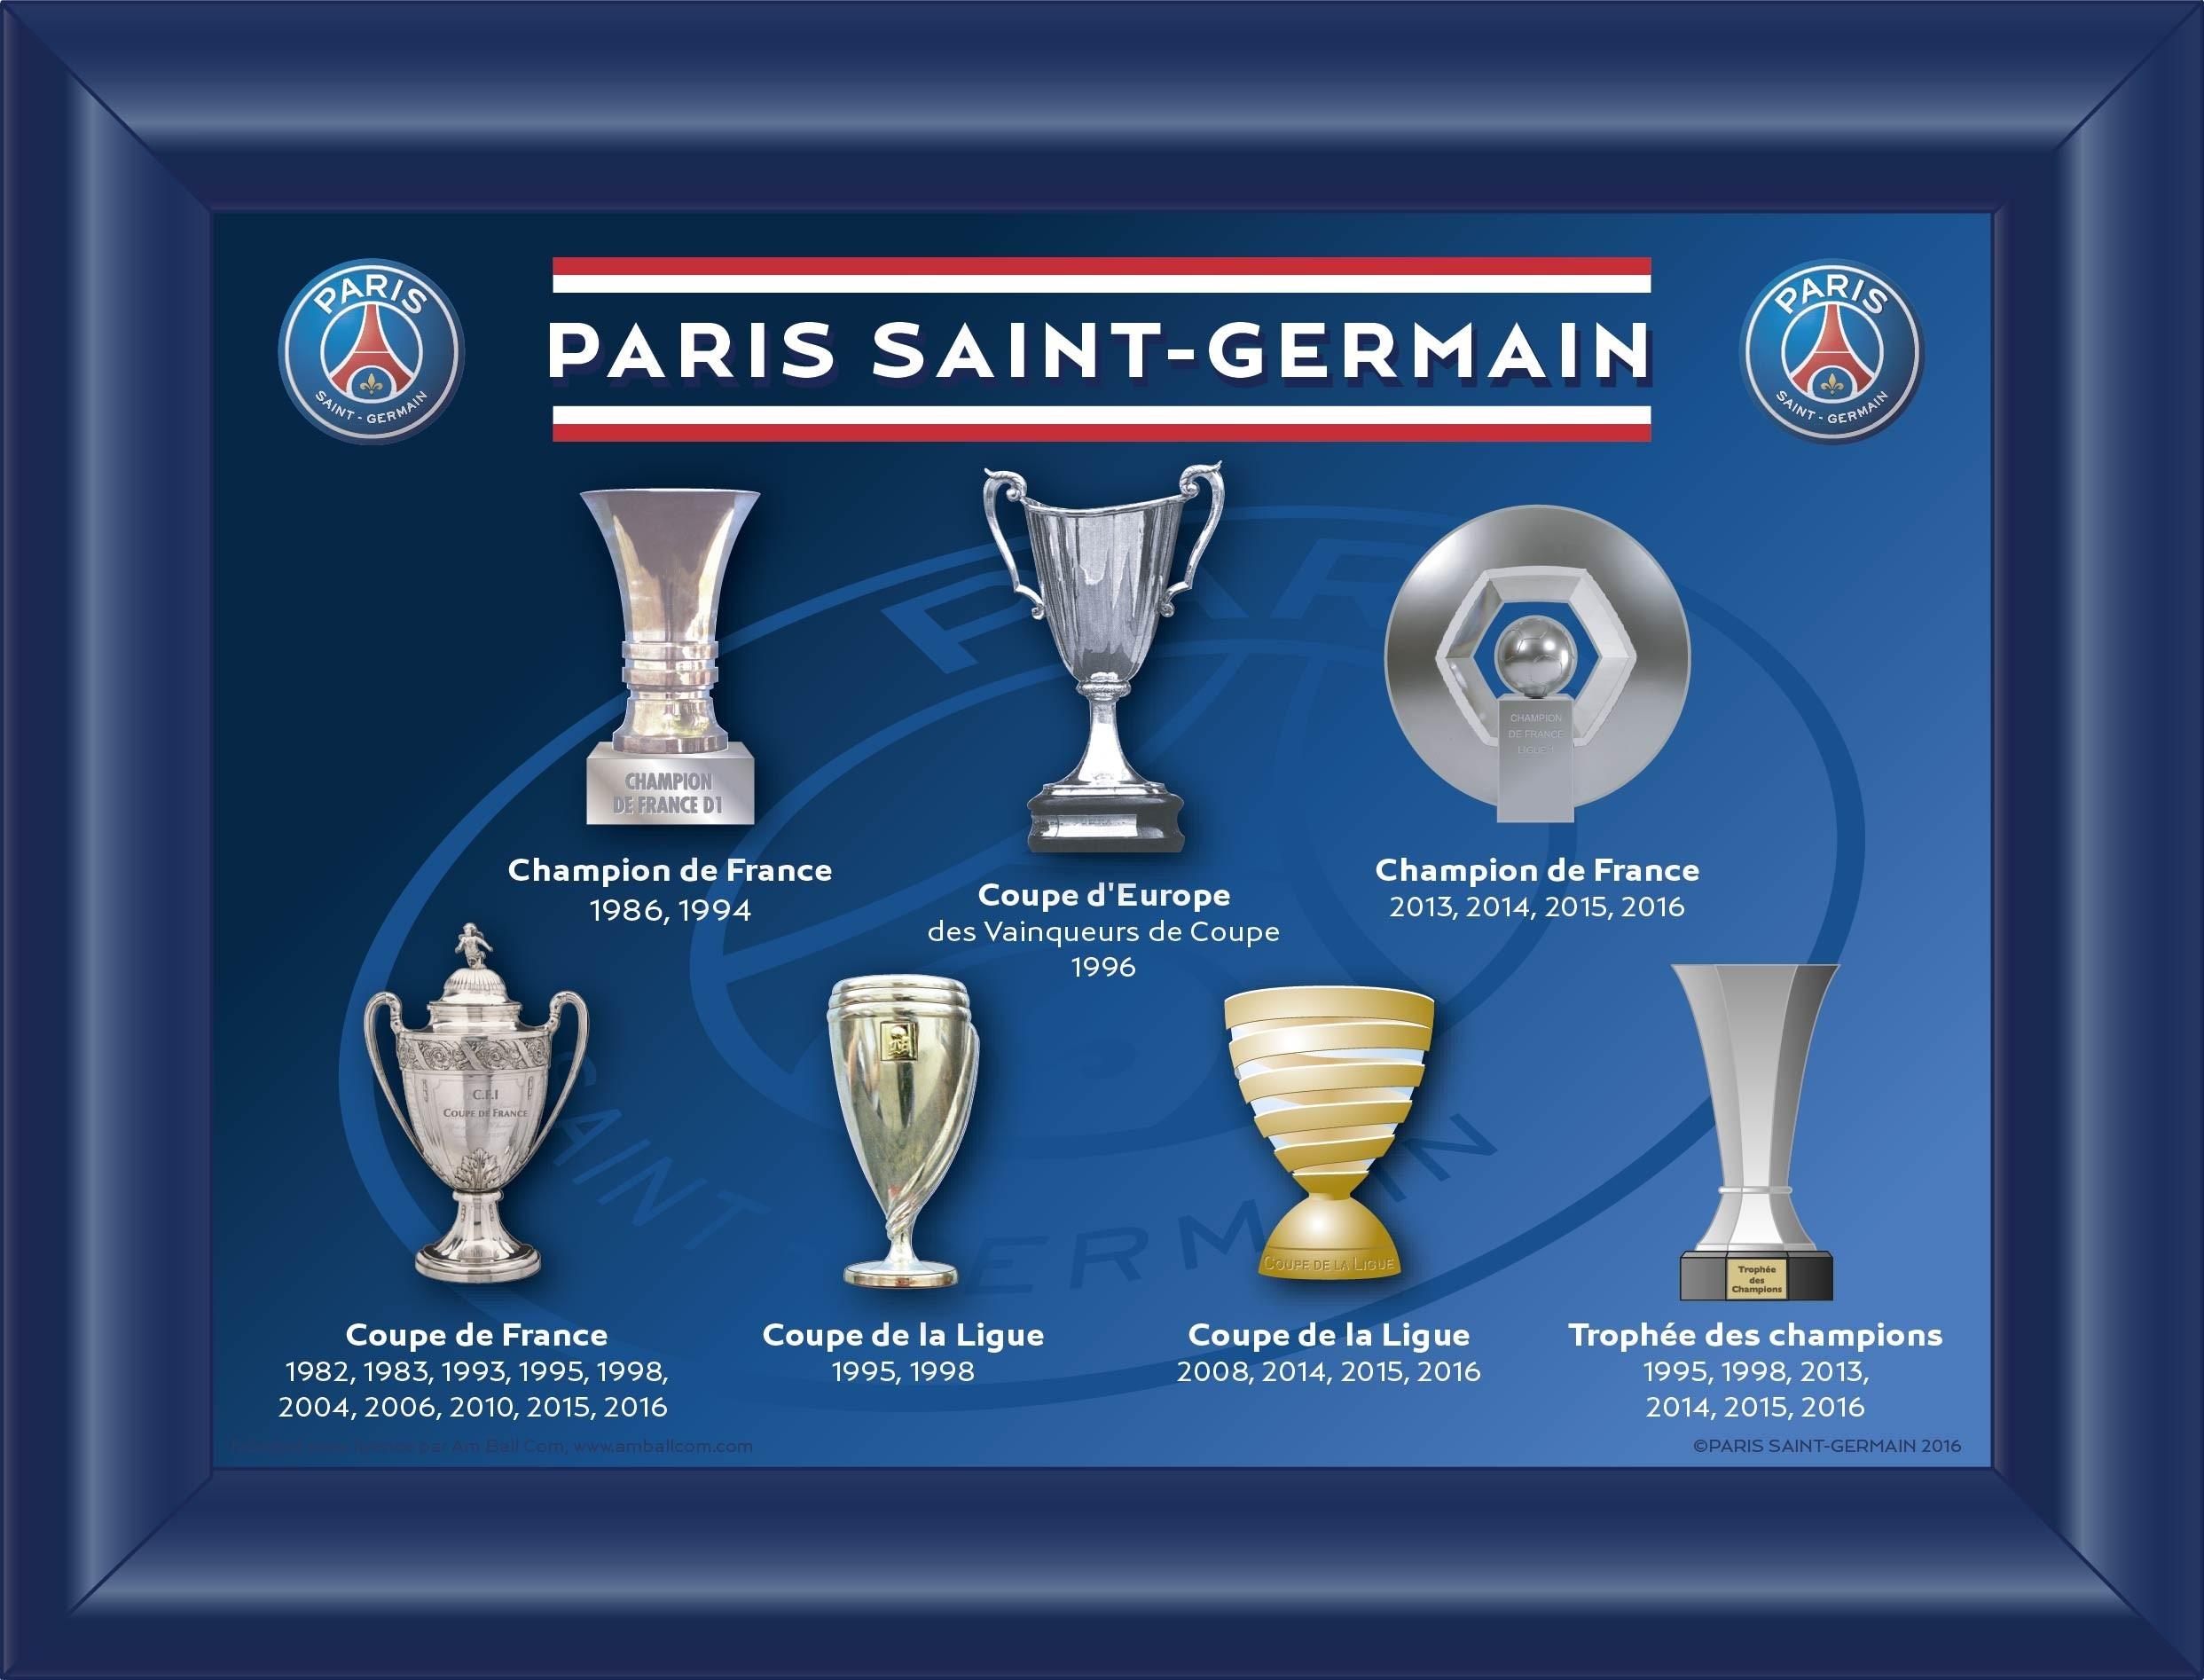 Calendrier L1 Psg.Palmares Psg Resultats Et Classements Du Paris Saint Germain